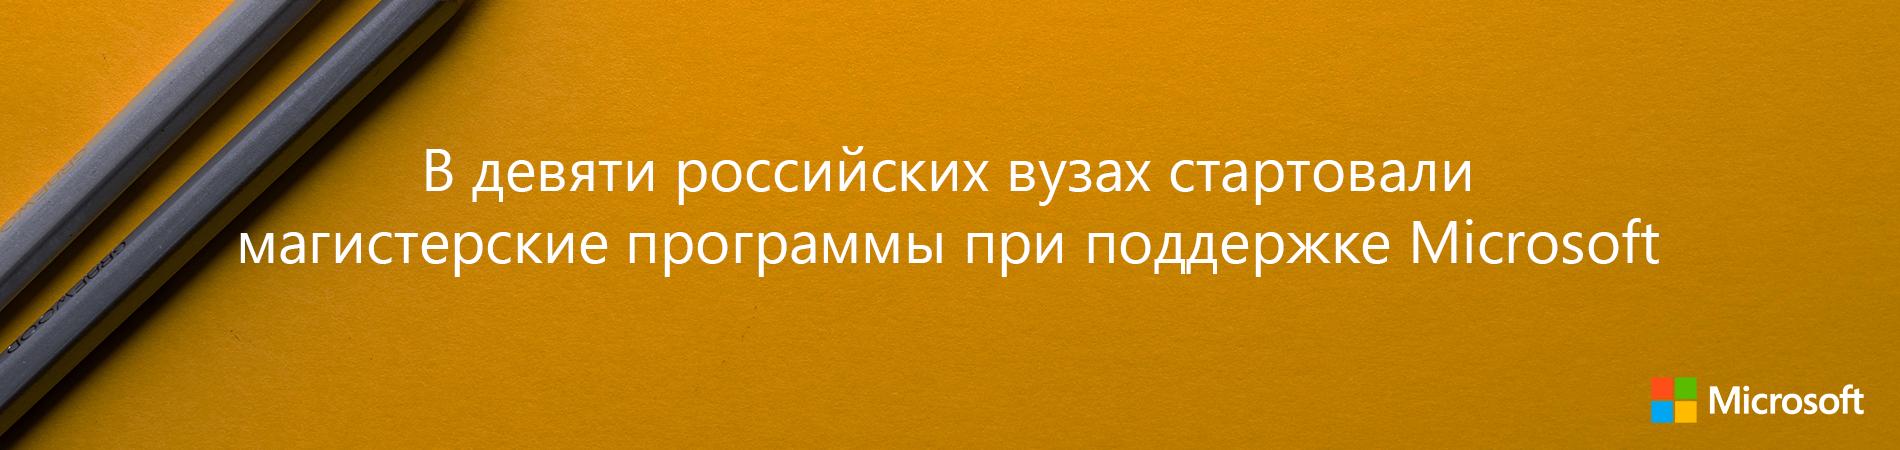 В девяти российских вузах стартовали магистерские программы при поддержке Microsoft